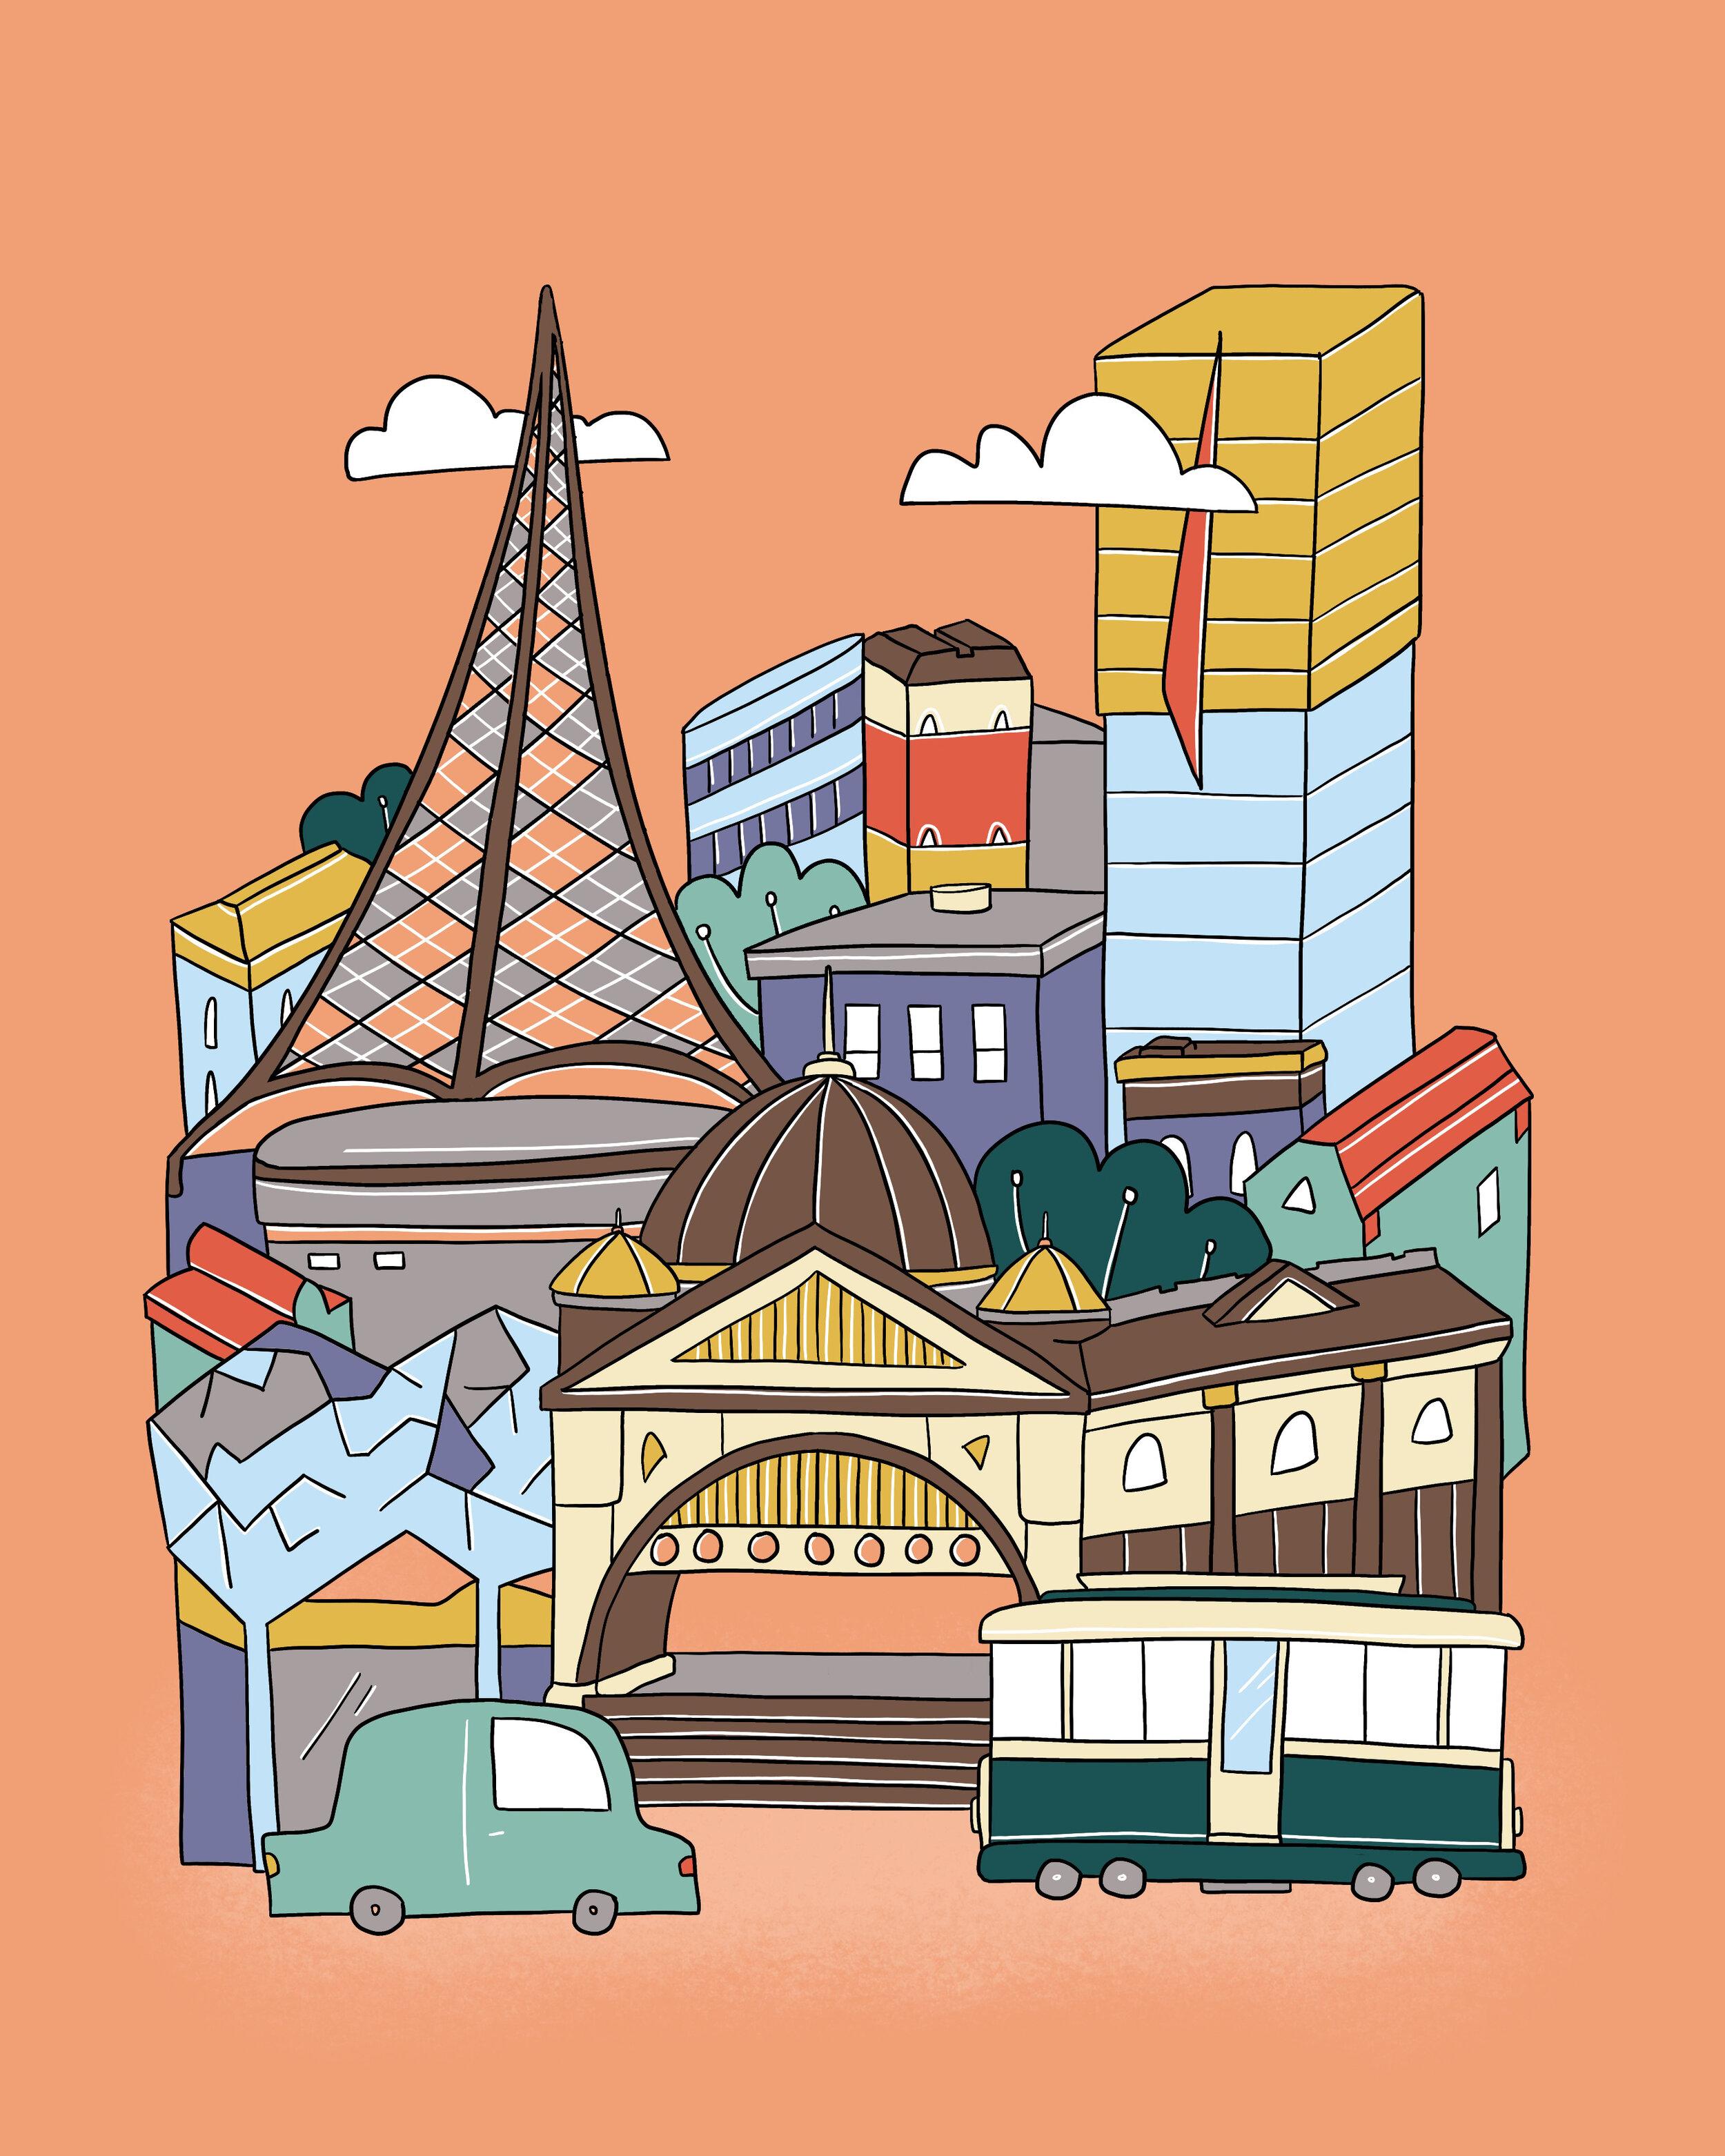 Melbourne_CityScene_MeganMcKean.jpg